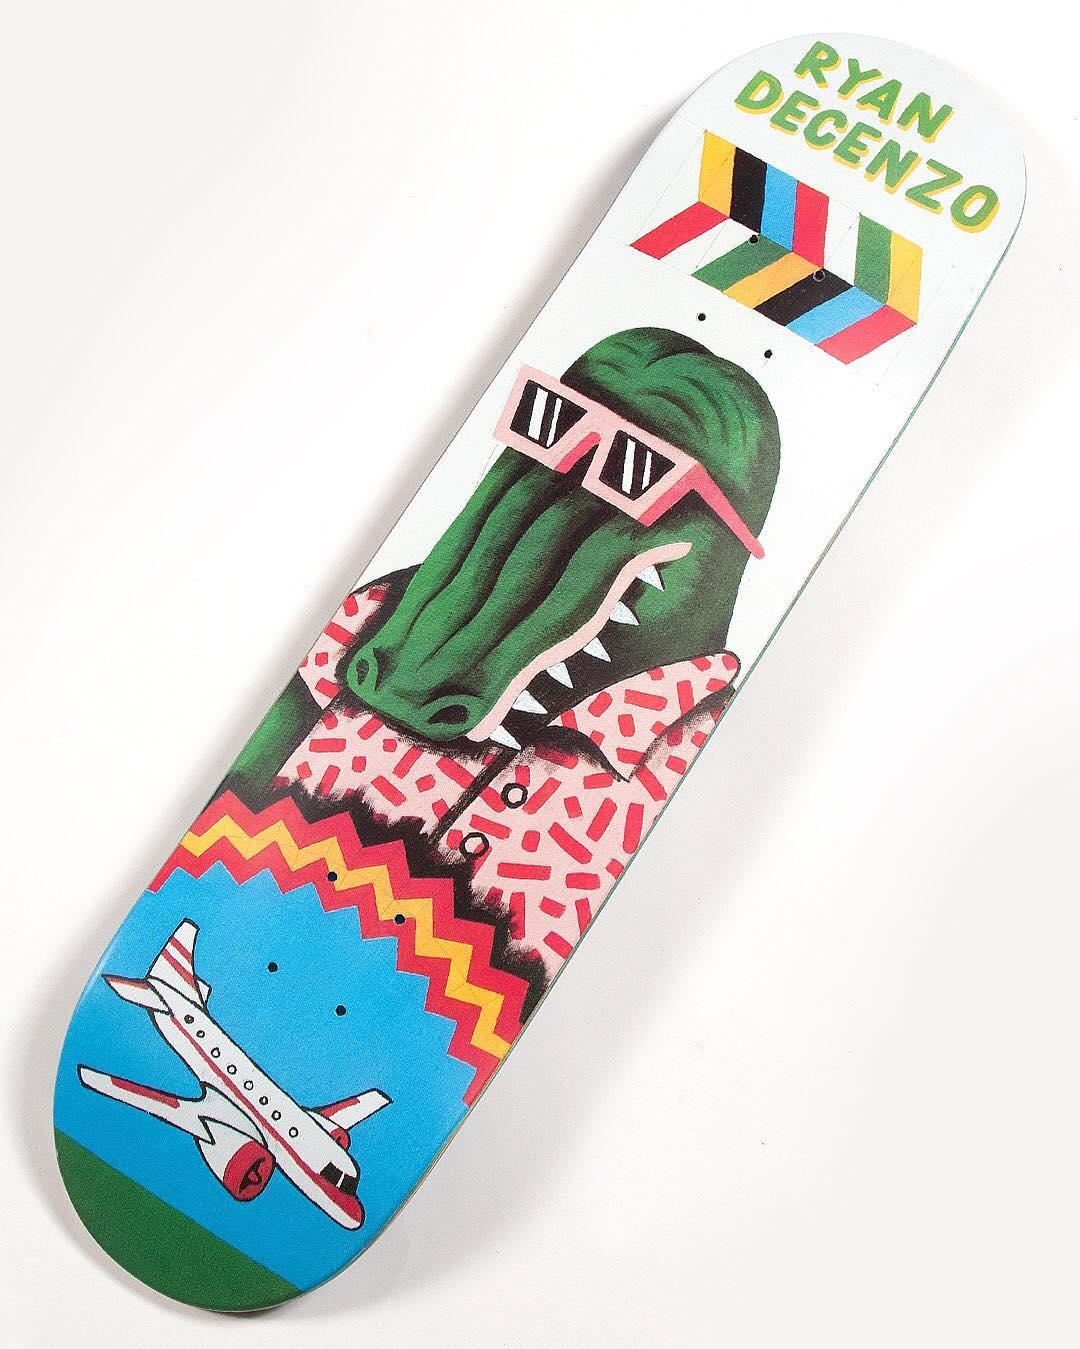 Darkstar Skateboards x Luke Pelletier